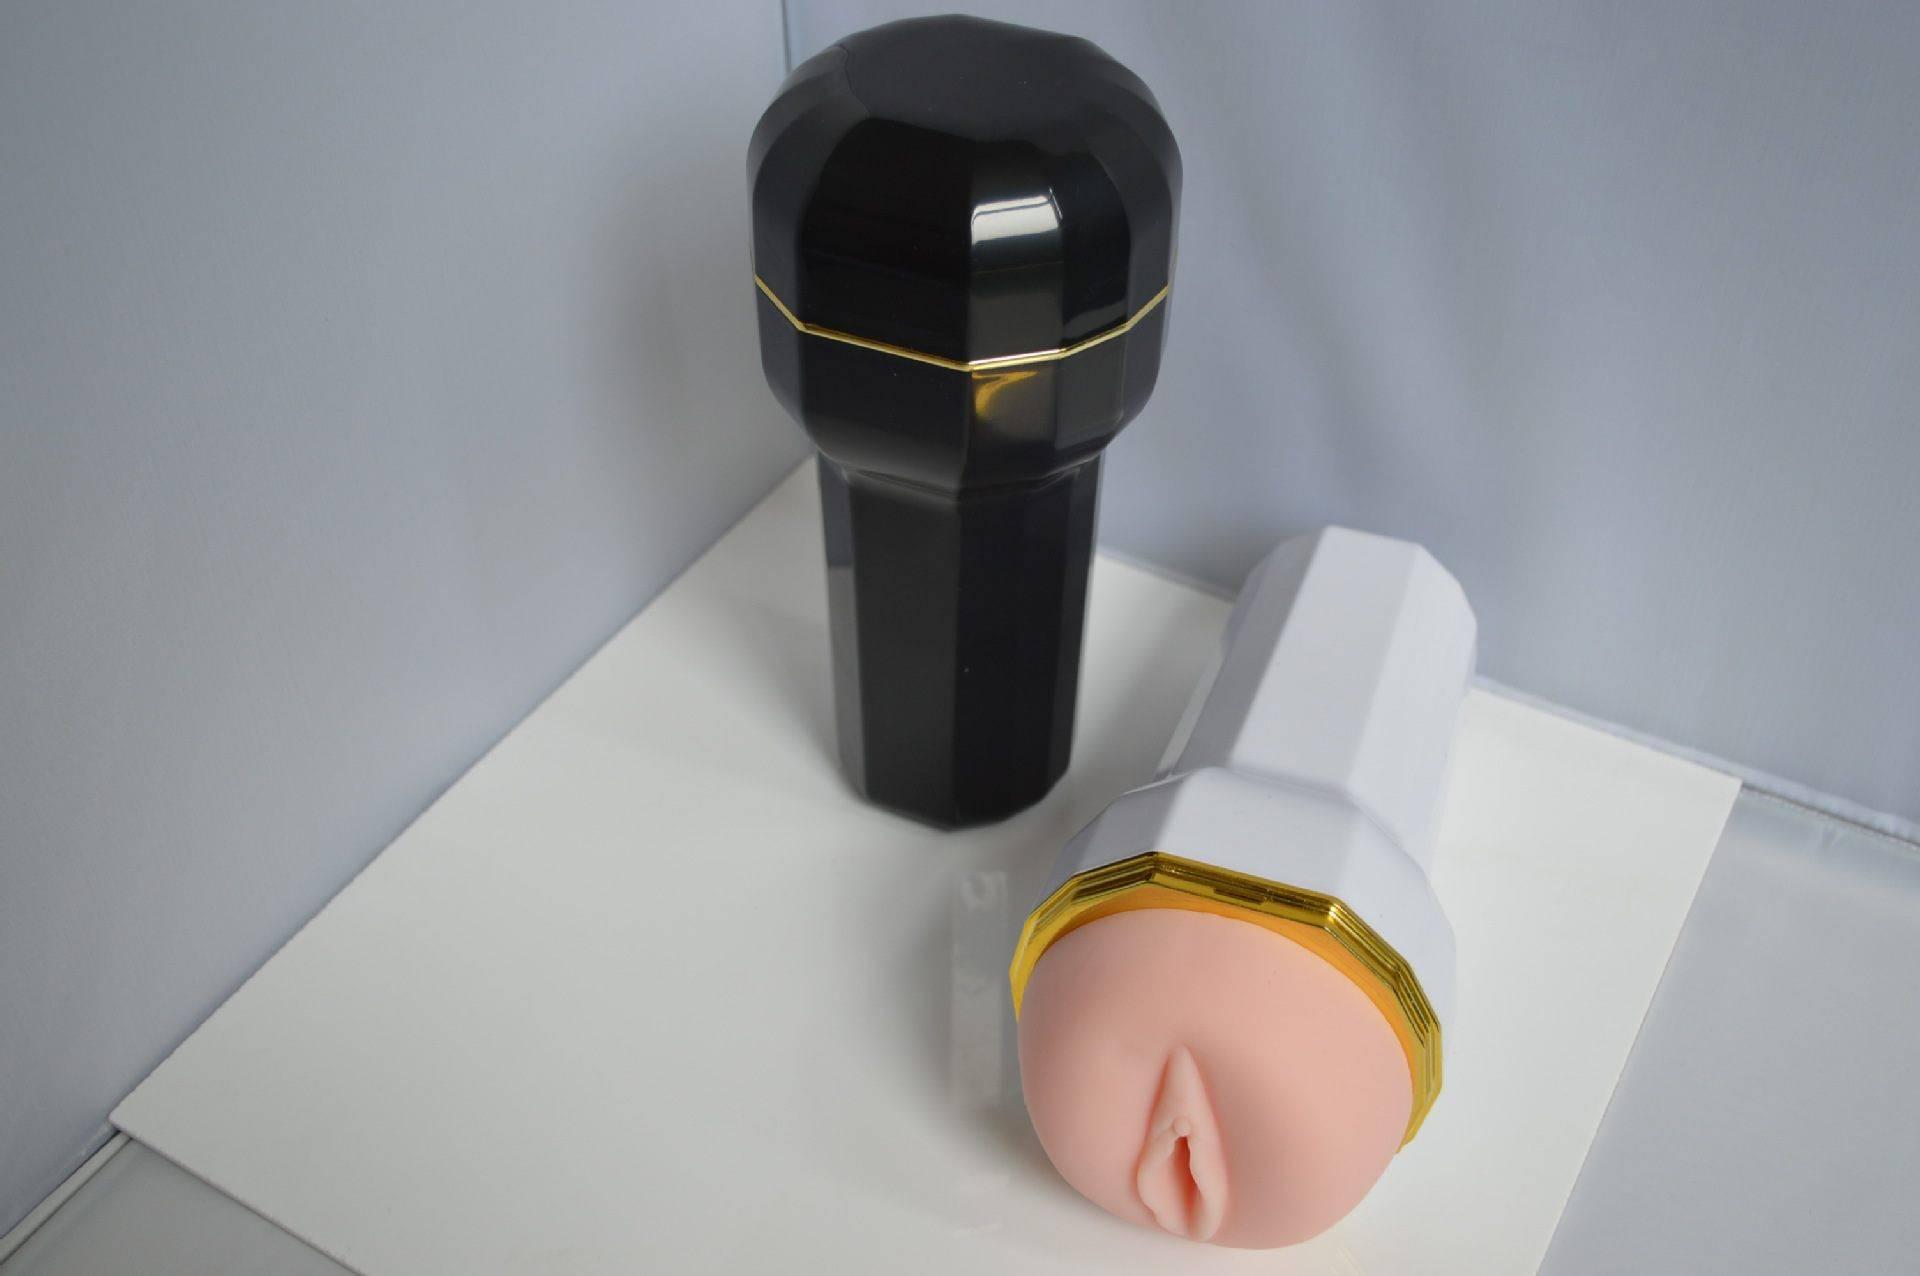 Adult Toys White Fleshlight for Male